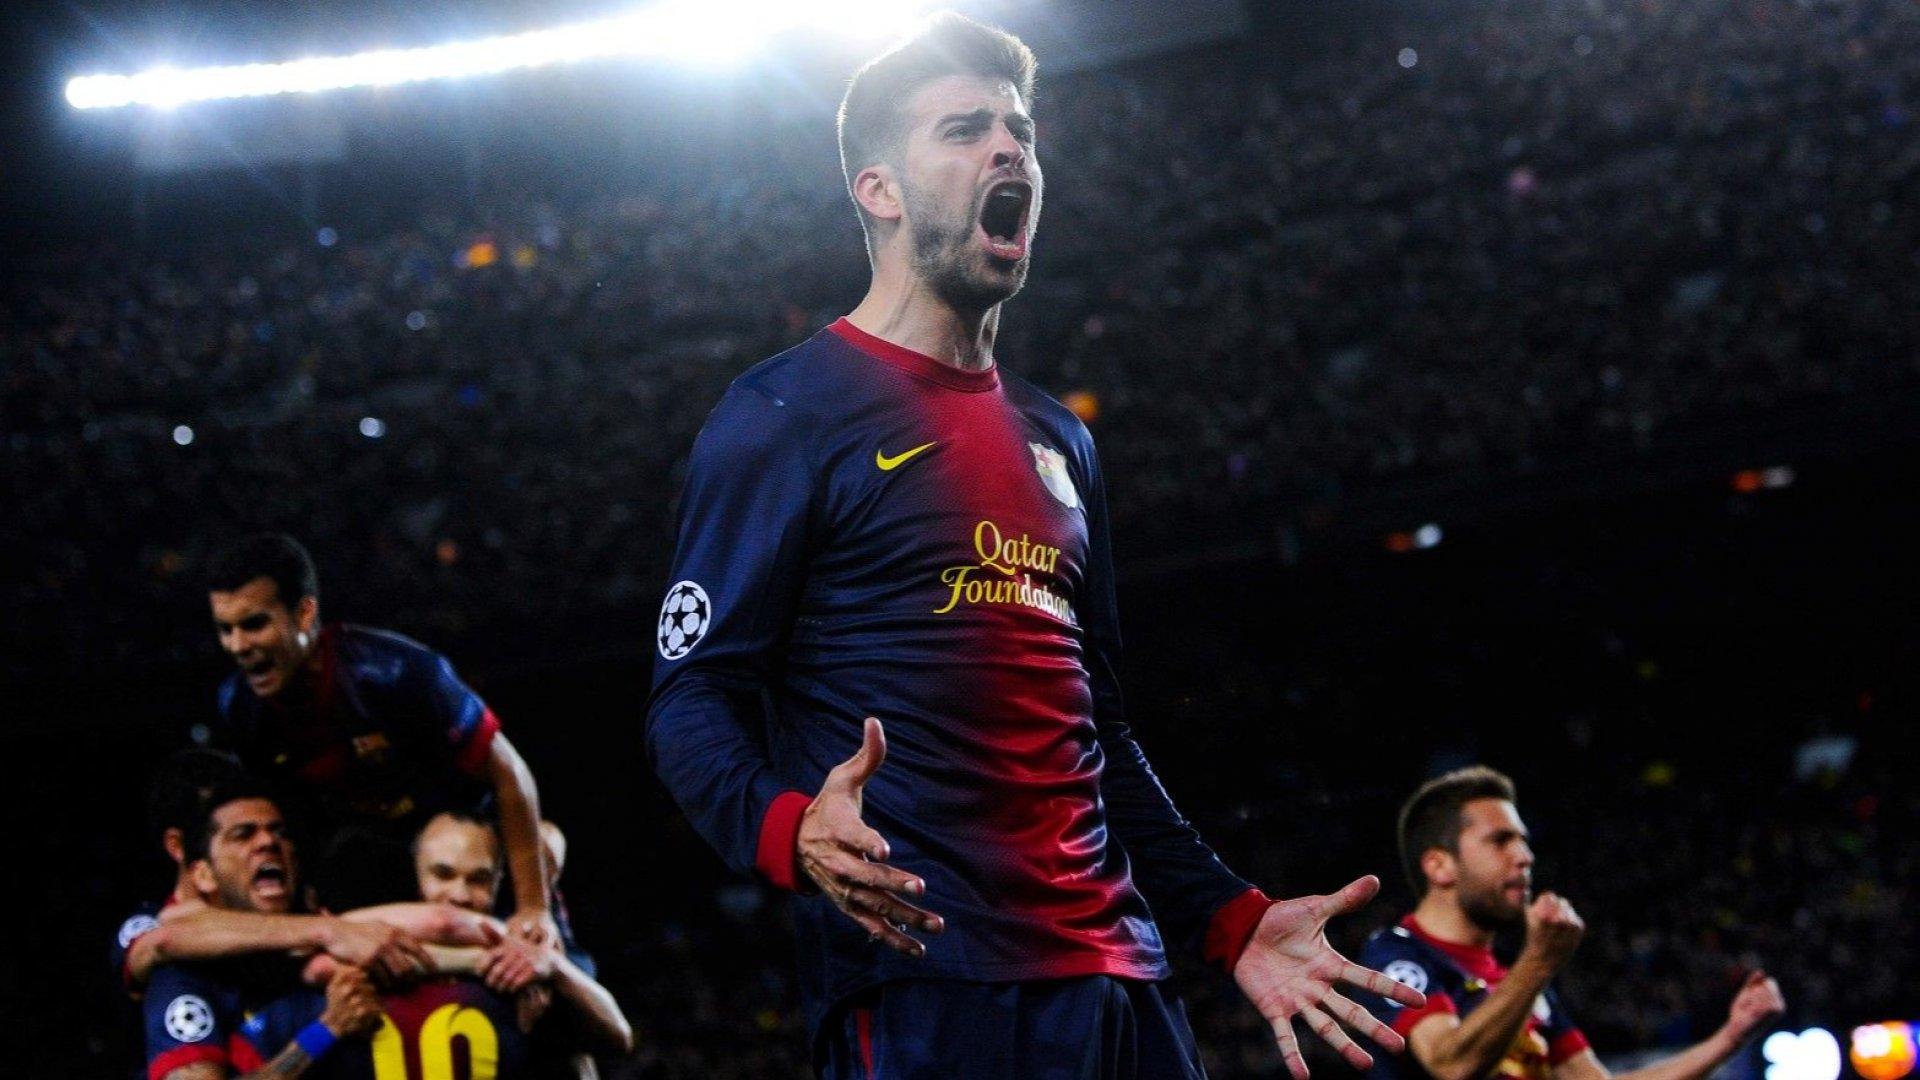 Изненада от Каталуния: Жерар Пике ще се кандидатира за прездент на Барселона